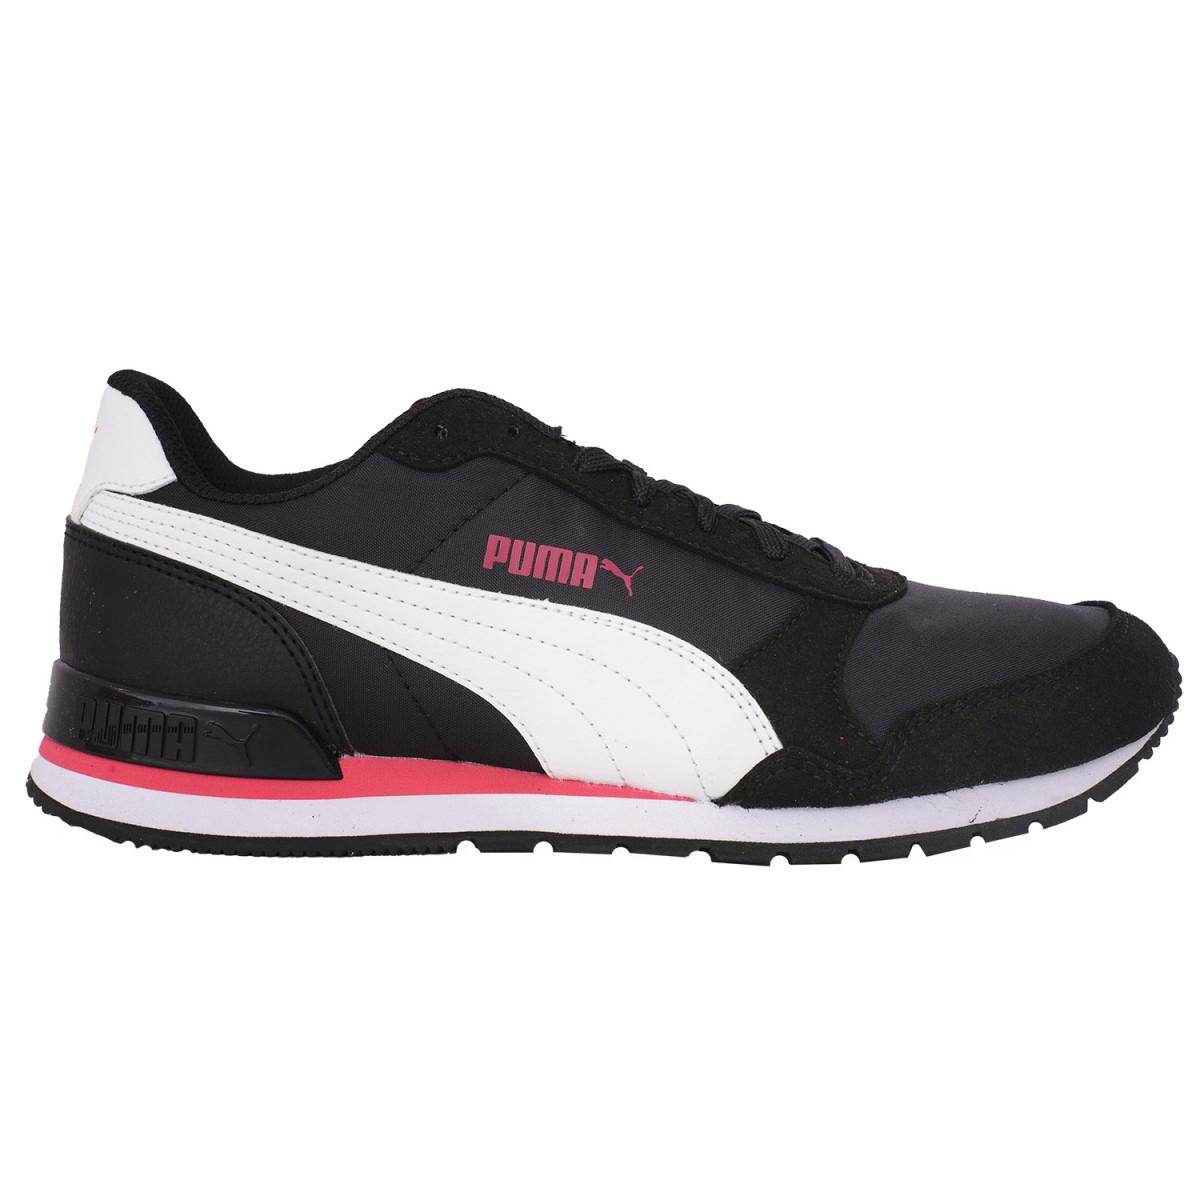 48e56260 Zapatillas Puma ST Runner V2 Nl - Zapatillas - Mujer